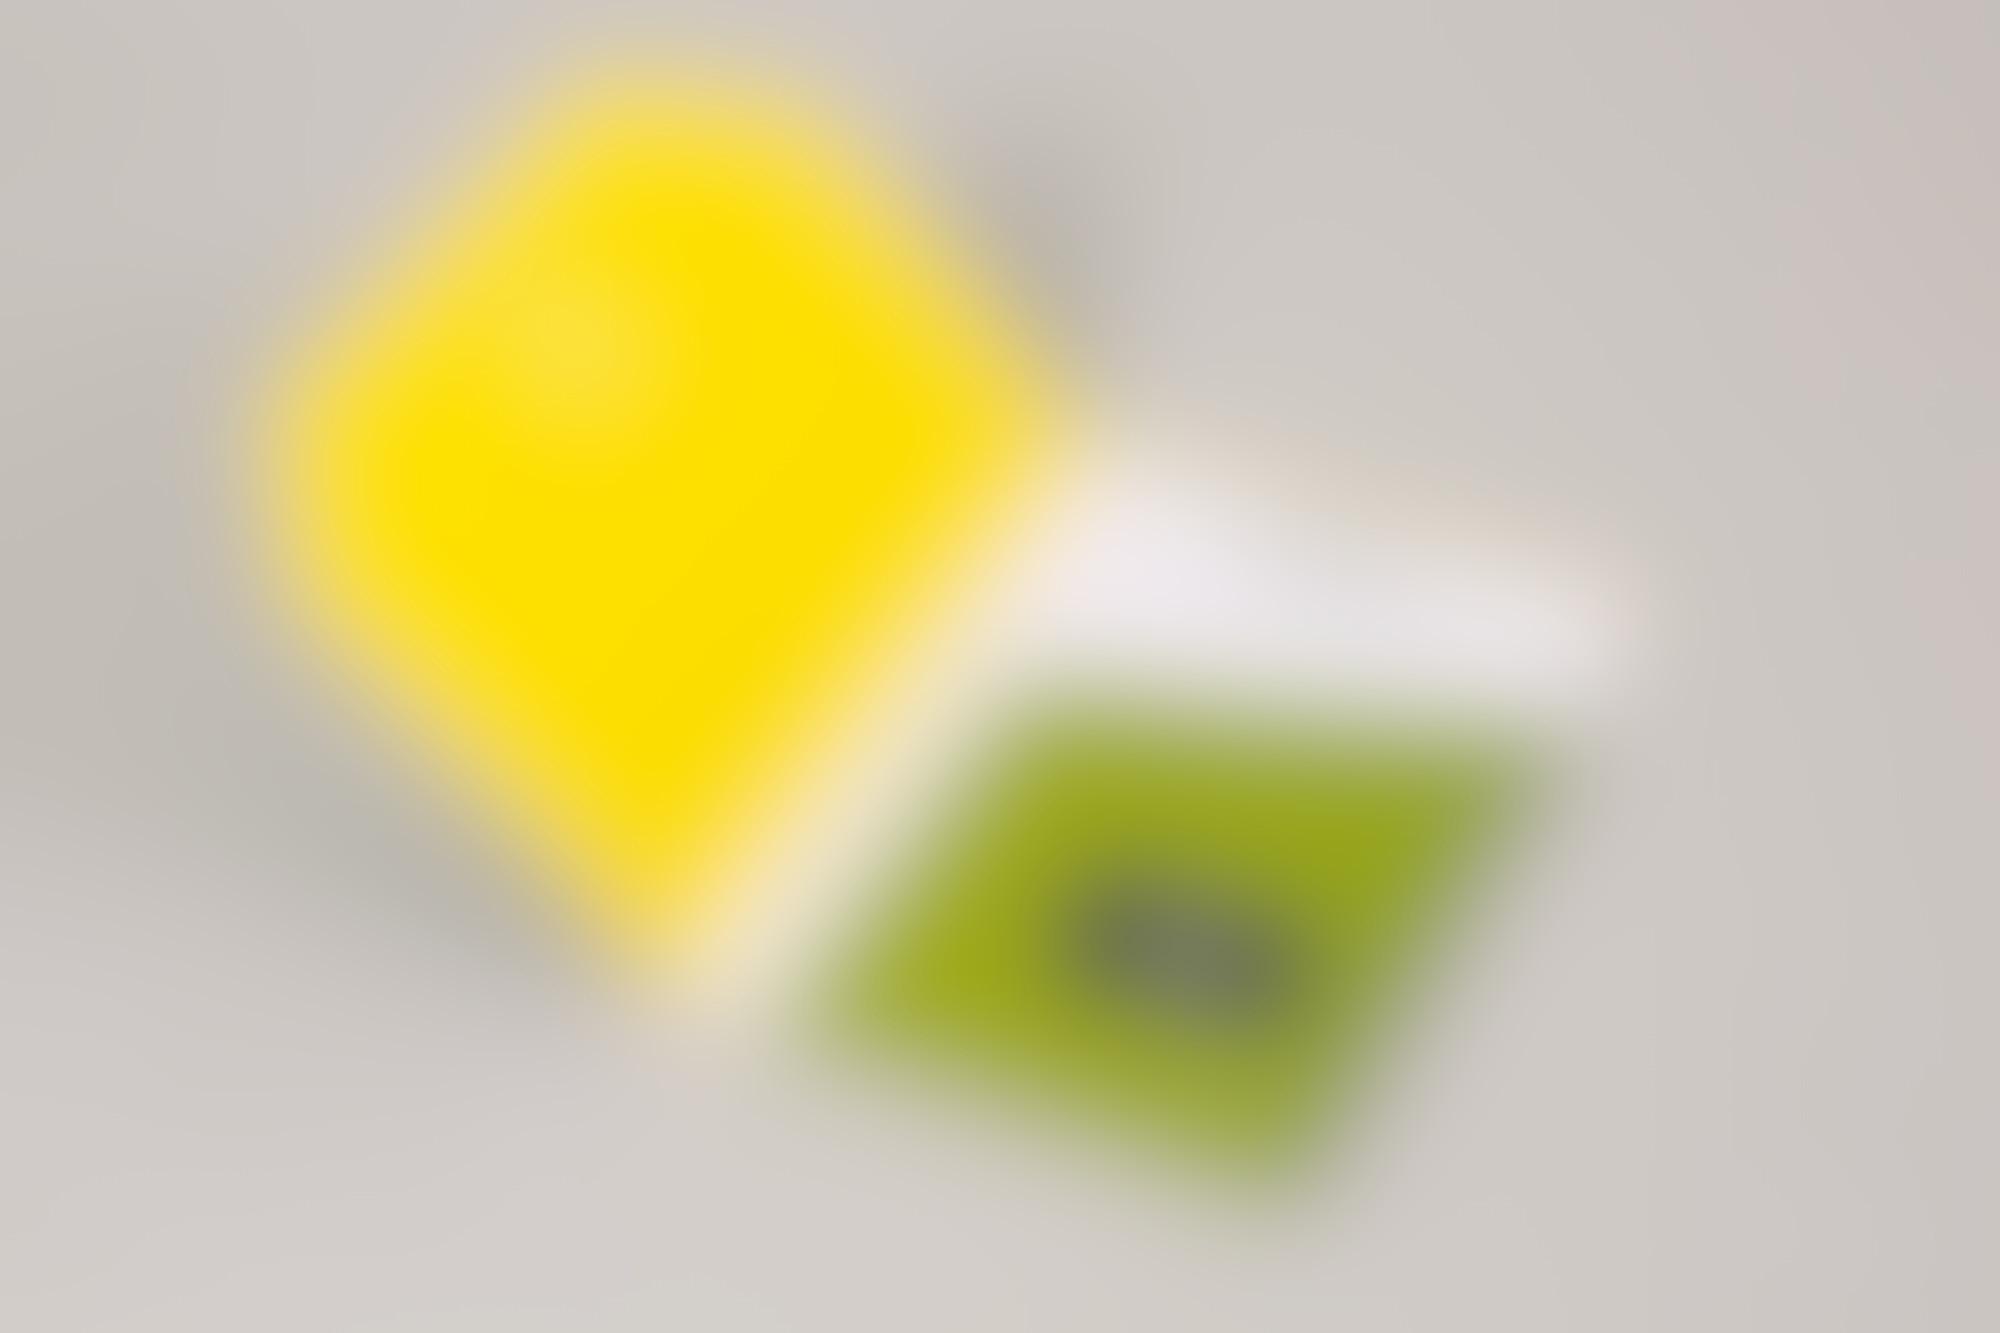 BLD SB PRINT 20 autocompressfitresizeixlibphp 1 1 0max h2000max w3 D2000q80sdc87cad219967782f6fe826c9ab8d322